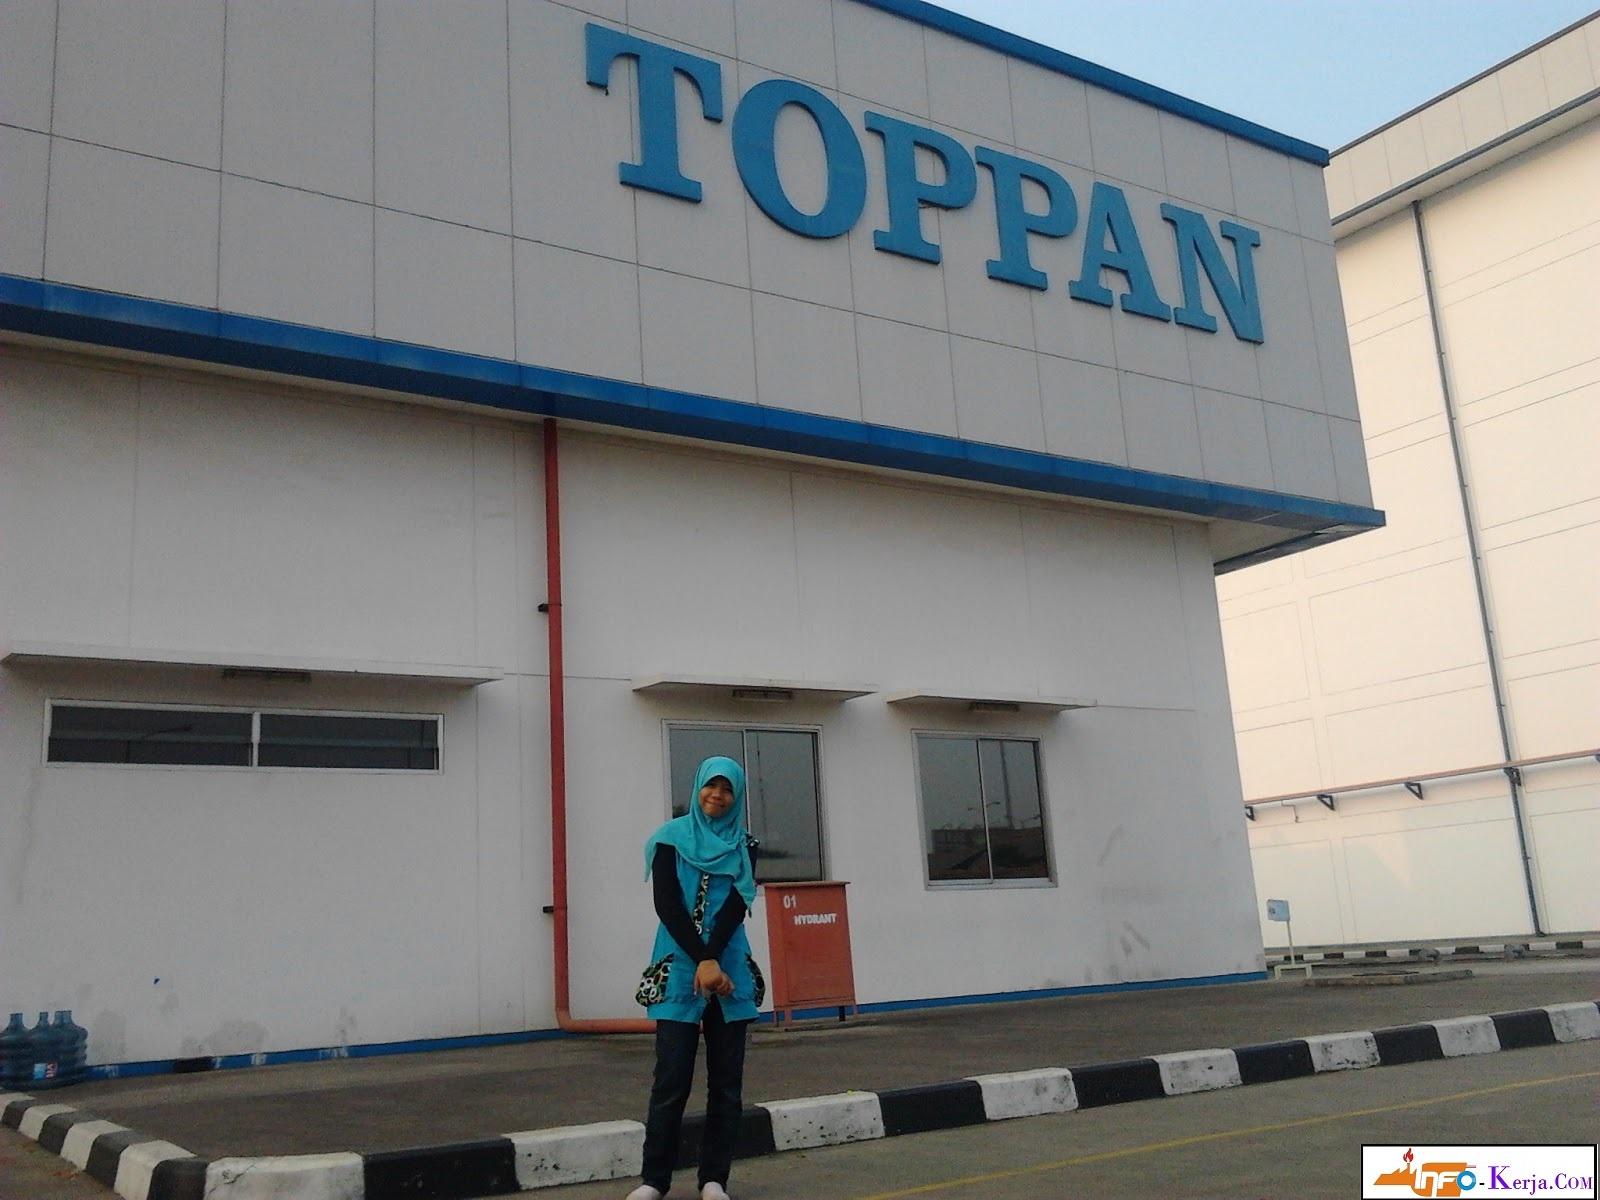 Loker Kawasan Cikaranng PT Toppan Printing Indonesia Posisi kerja Operator produksi